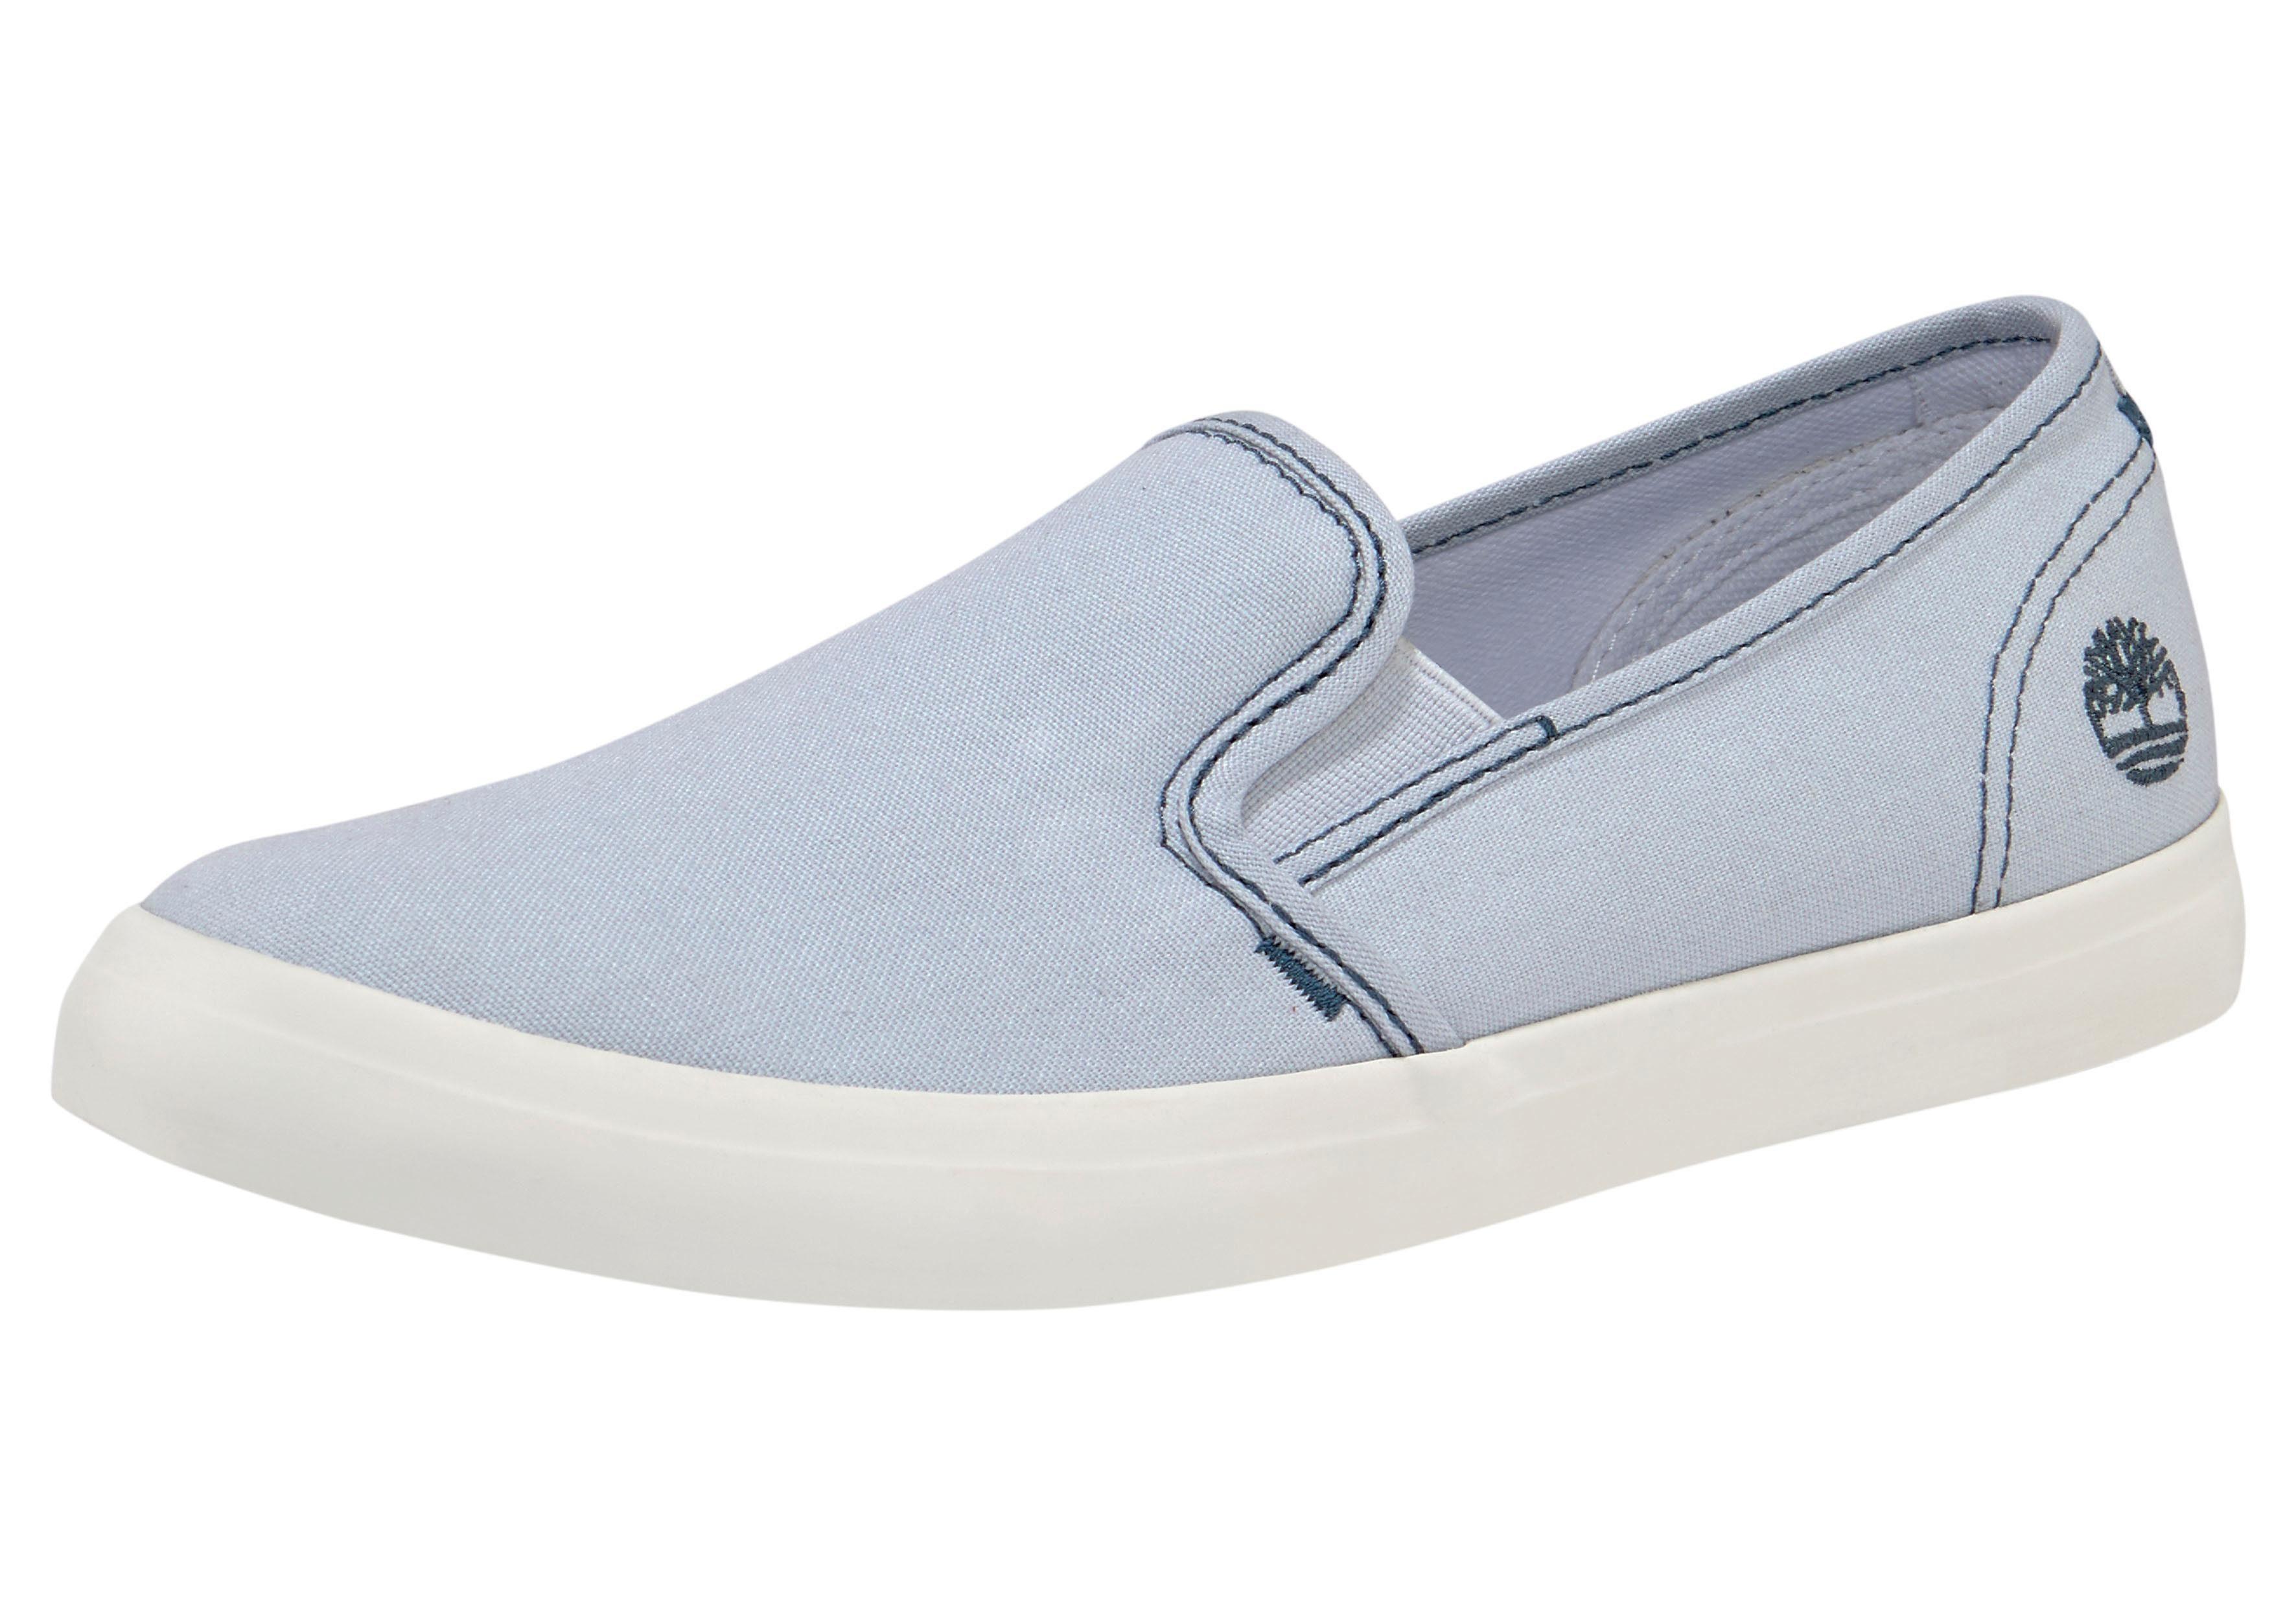 Newport Bay Slip On Schuh für Damen in Hellblau